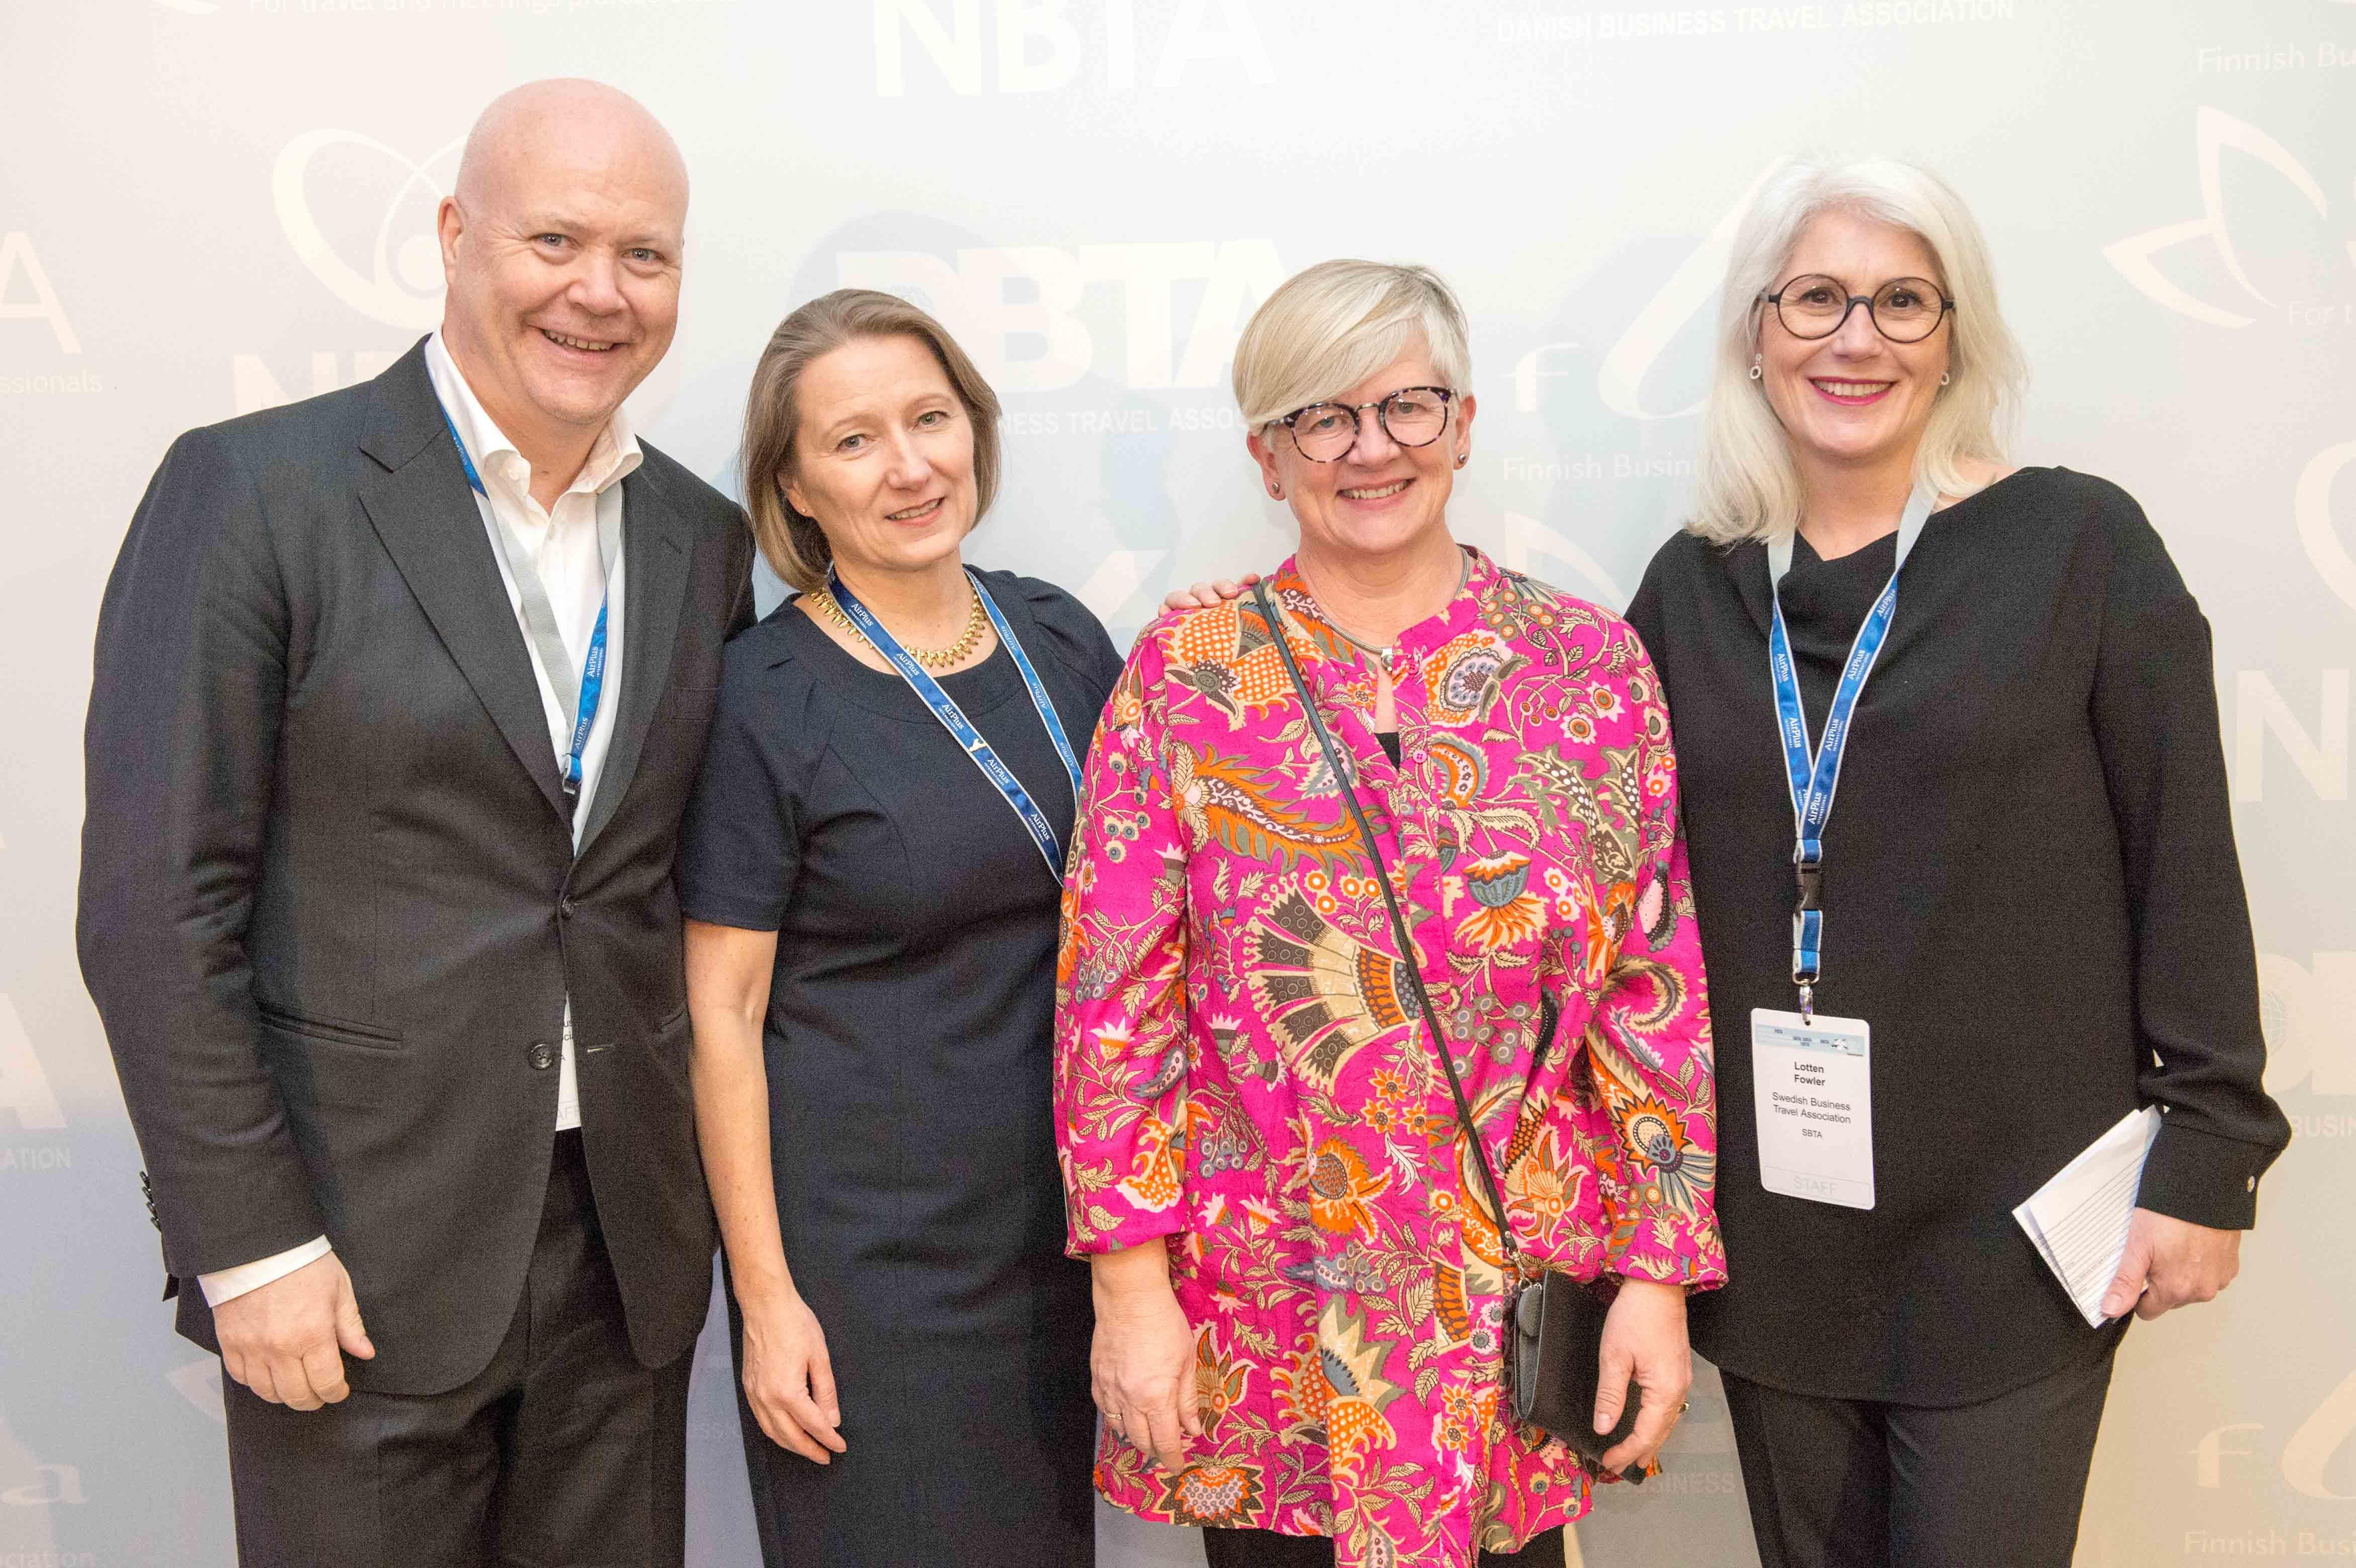 Arrangørerne fra de fire nordiske foreninger af Nordic Business Travel Summit, fra venstre norske Jan Henrik Ulvatne, finske Sari Viljama, Anne Mette Berg fra danske DBTA og svenske Lotten Fowler.